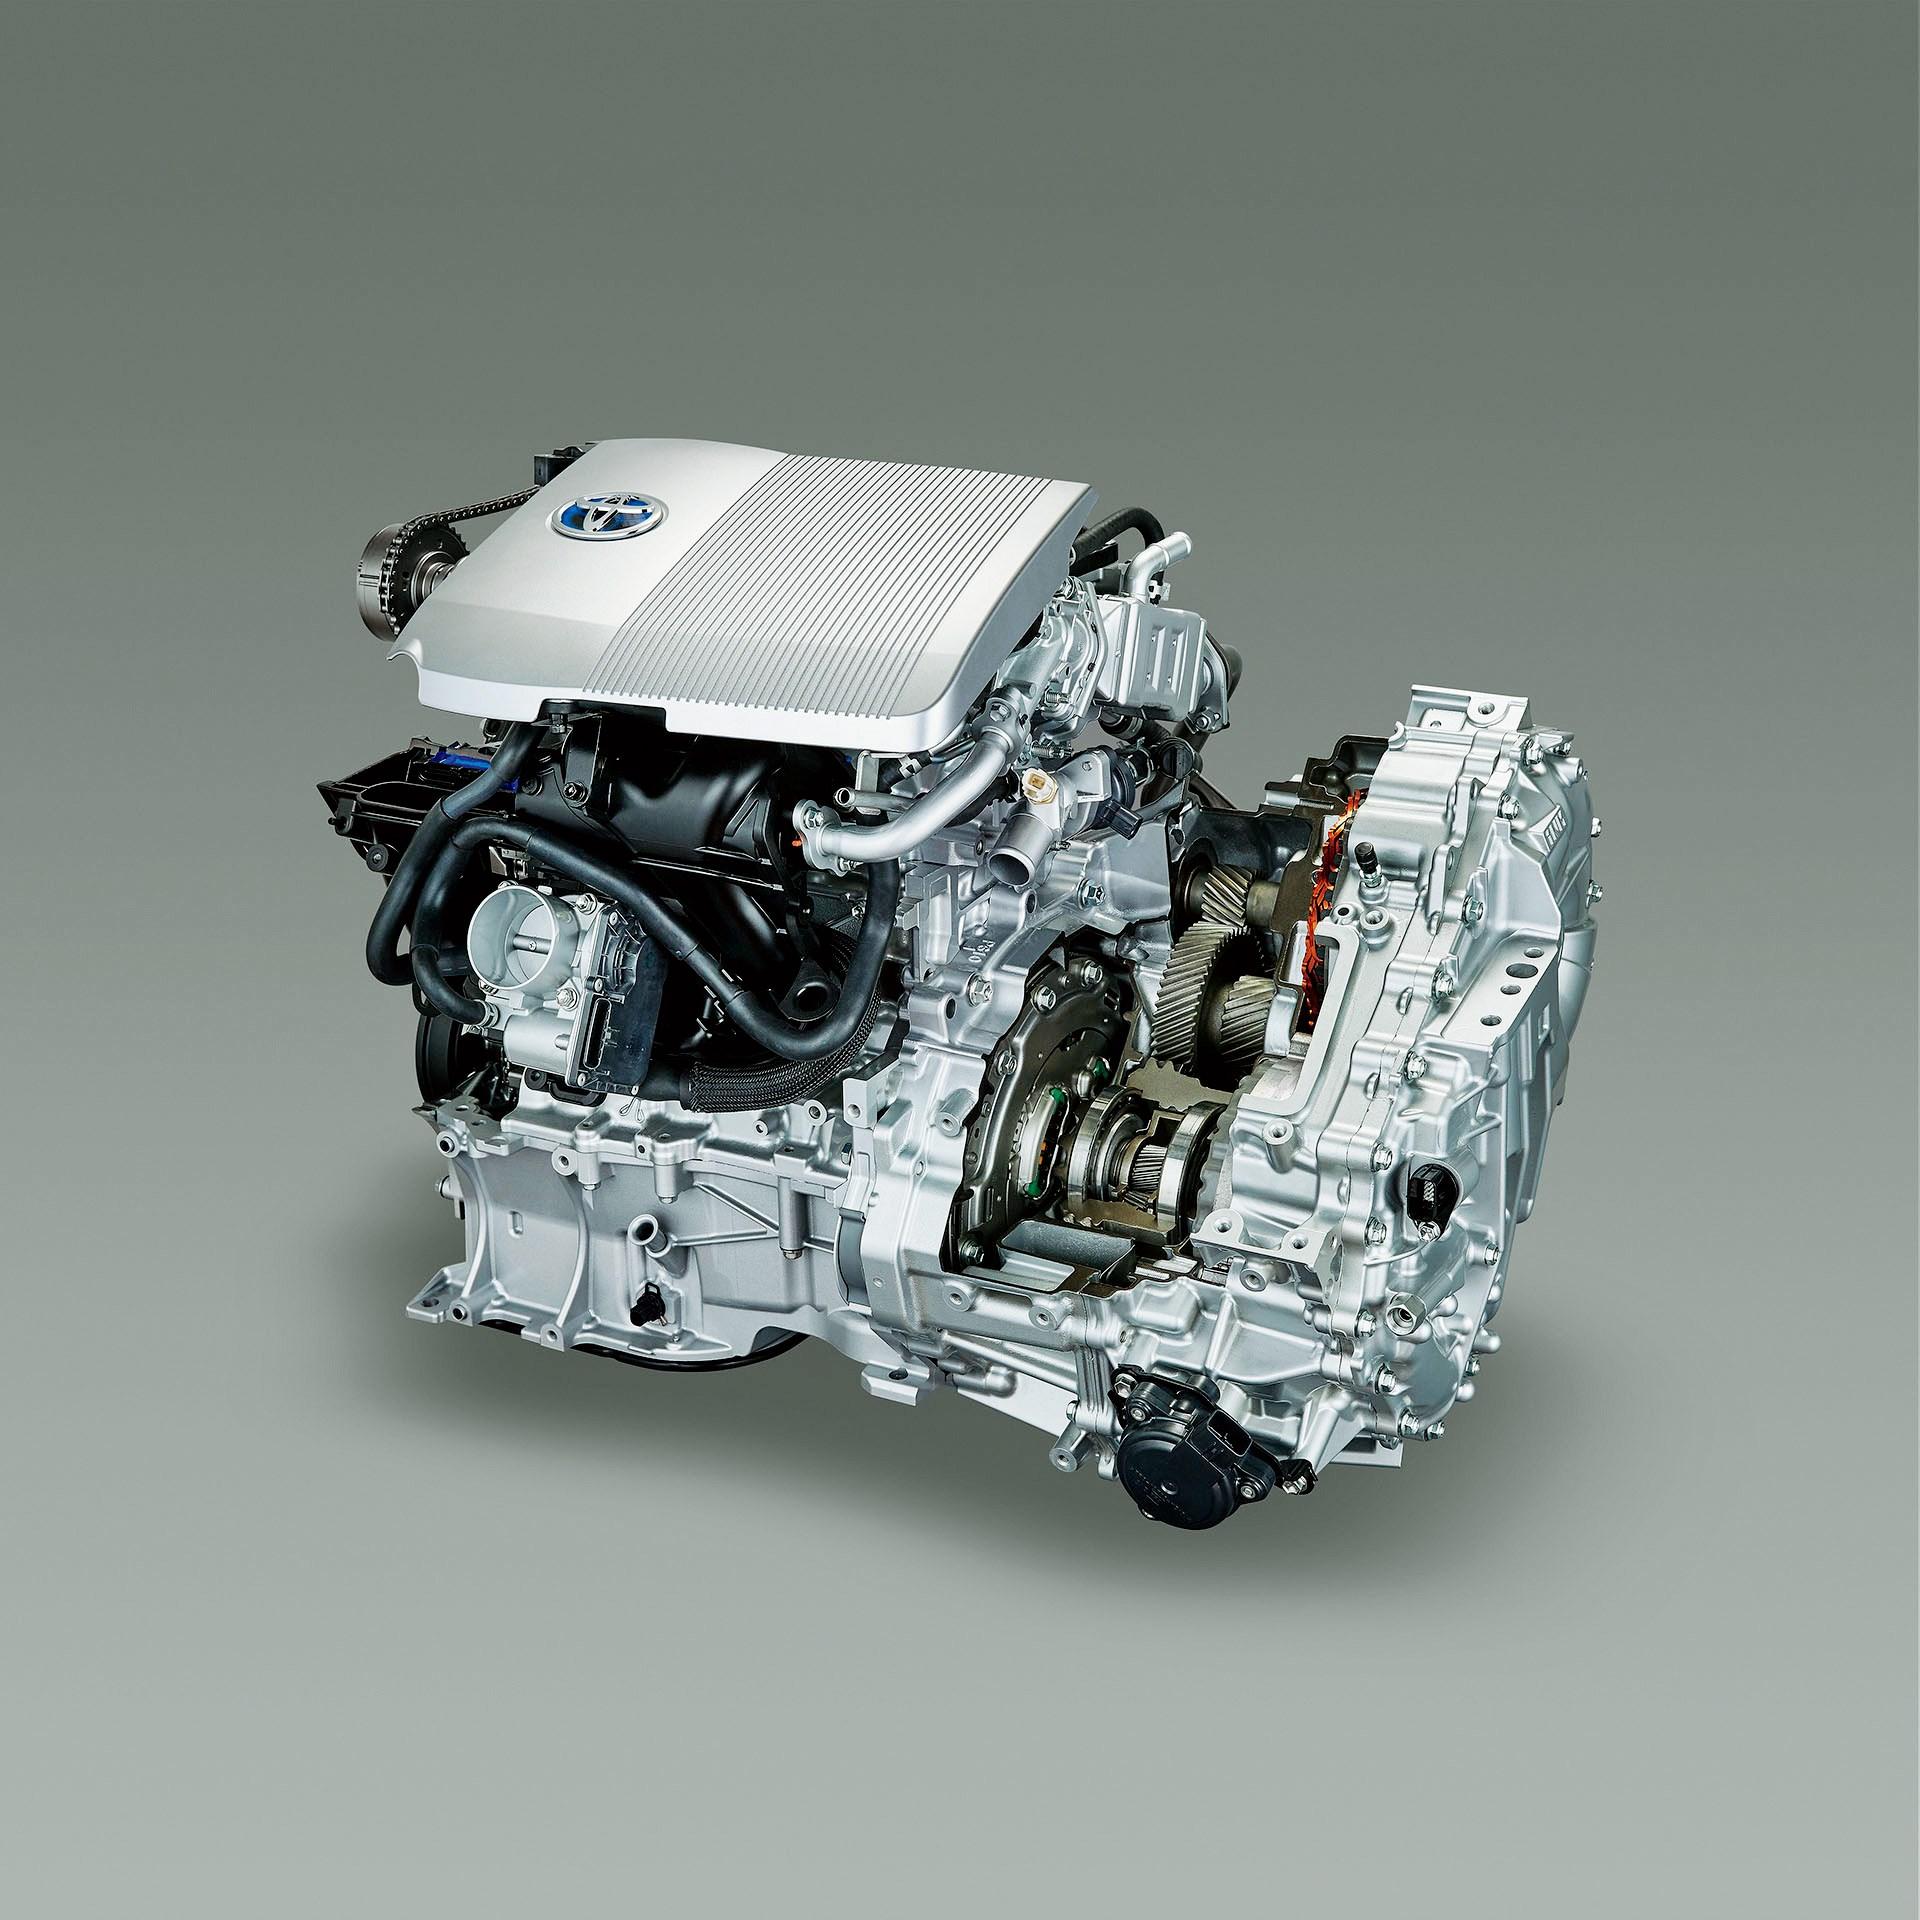 トヨタがハイブリッドの特許を無償提供。狙っているメーカーを大胆予想